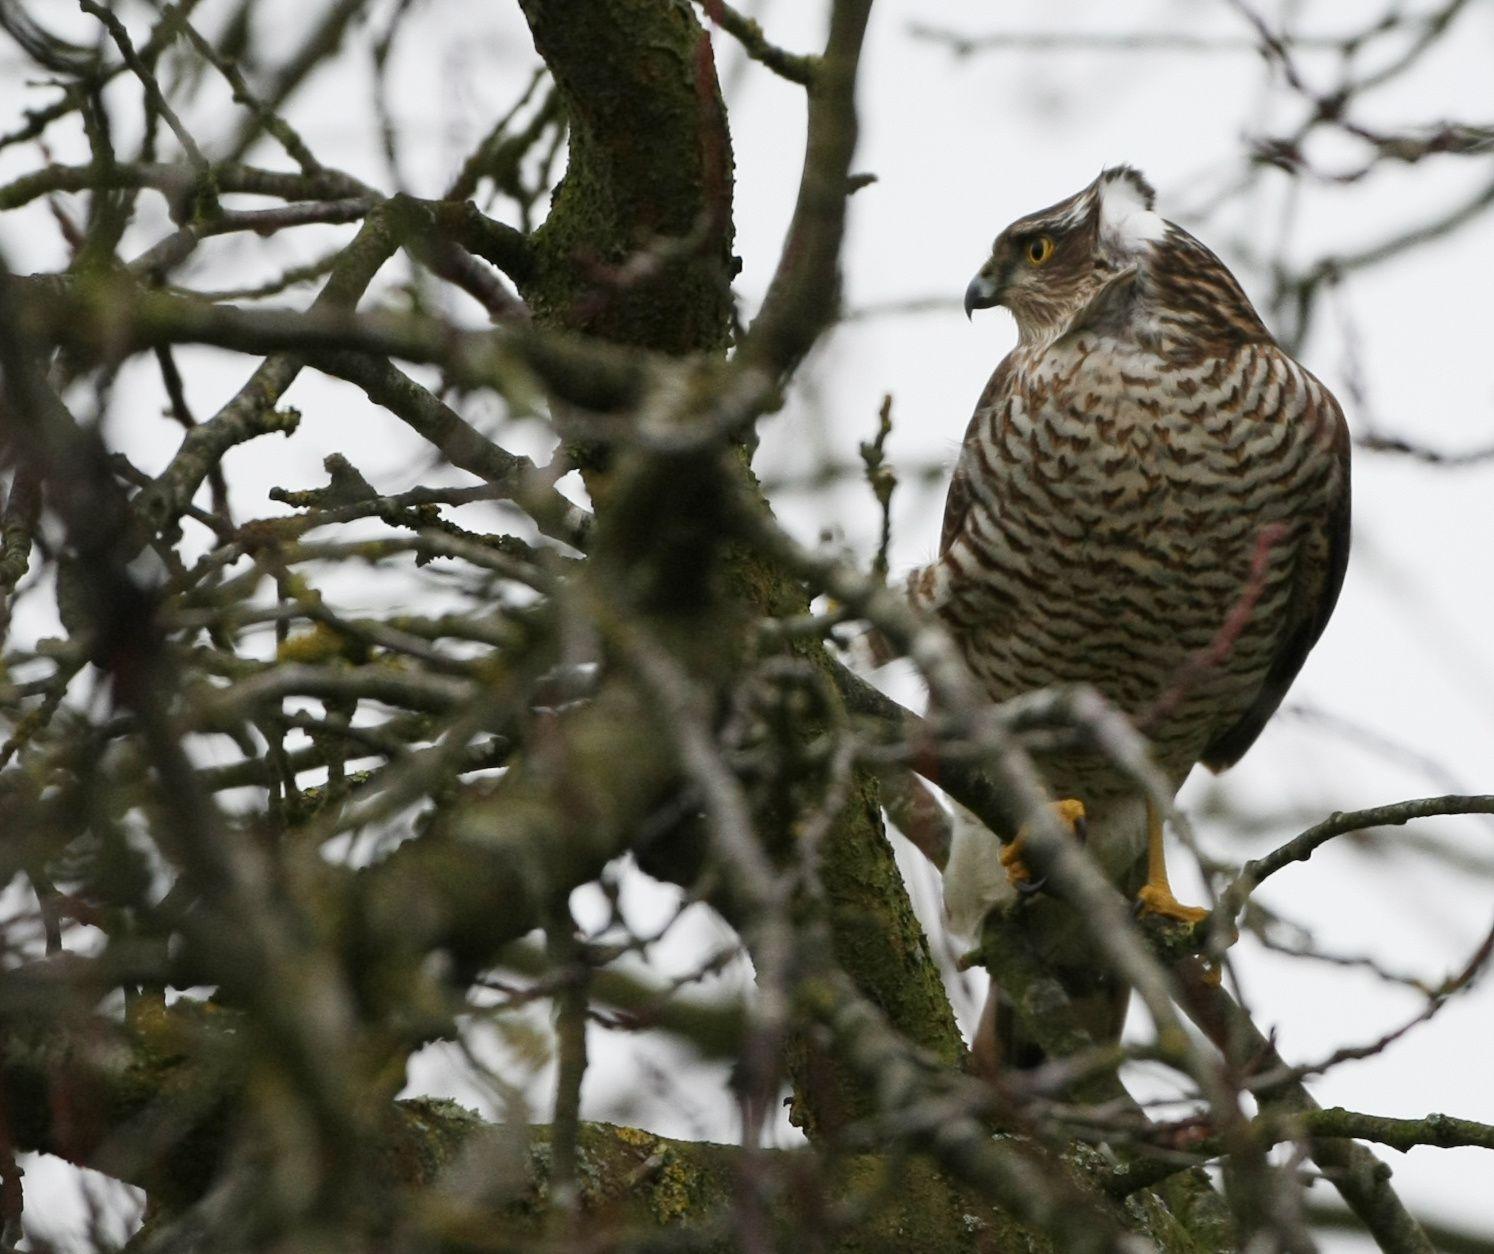 Epervier d'Europe femelle photo d'oiseaux de Picardie Somme Benoit Henrion